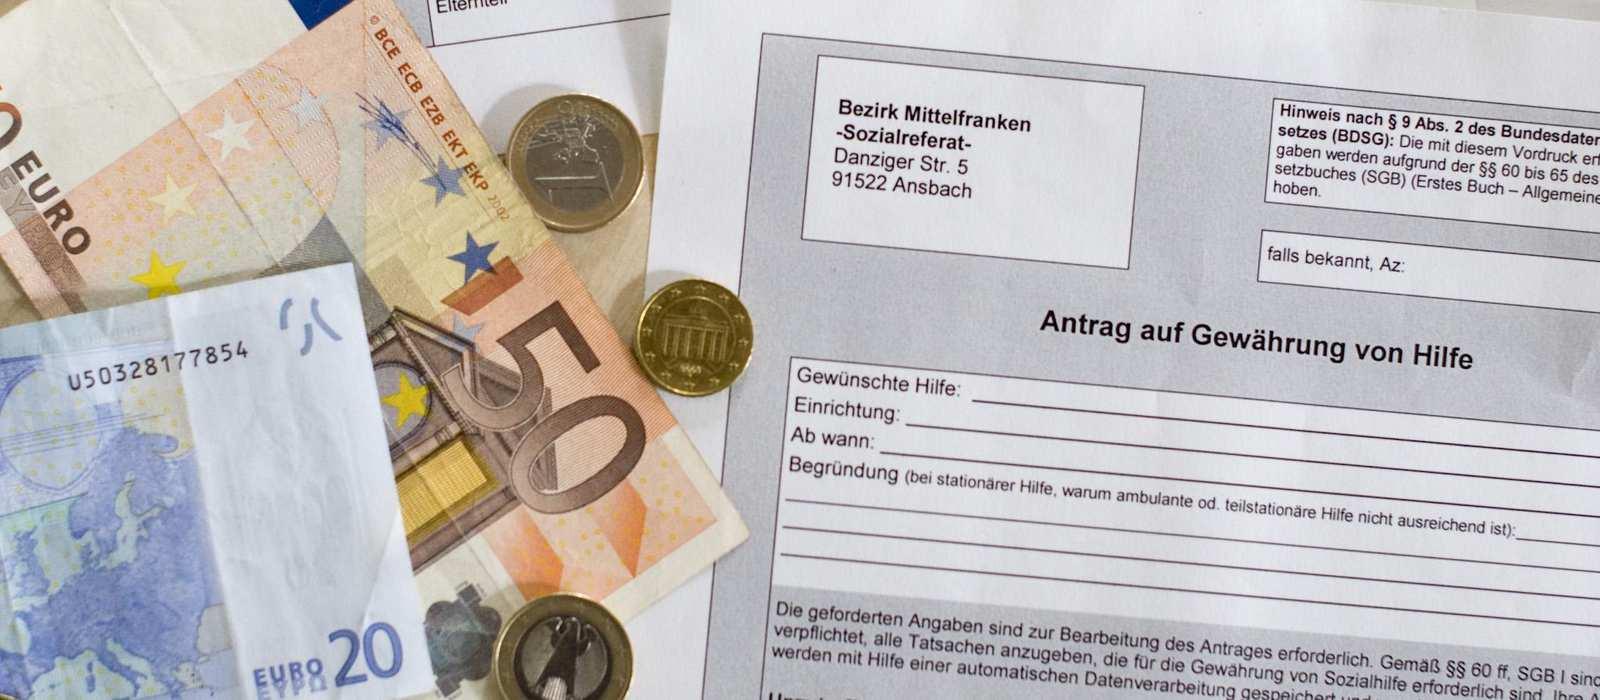 Ein zwanzig- und ein fünfzig Euro Schein liegen aus einem ausgedruckten Antrag.